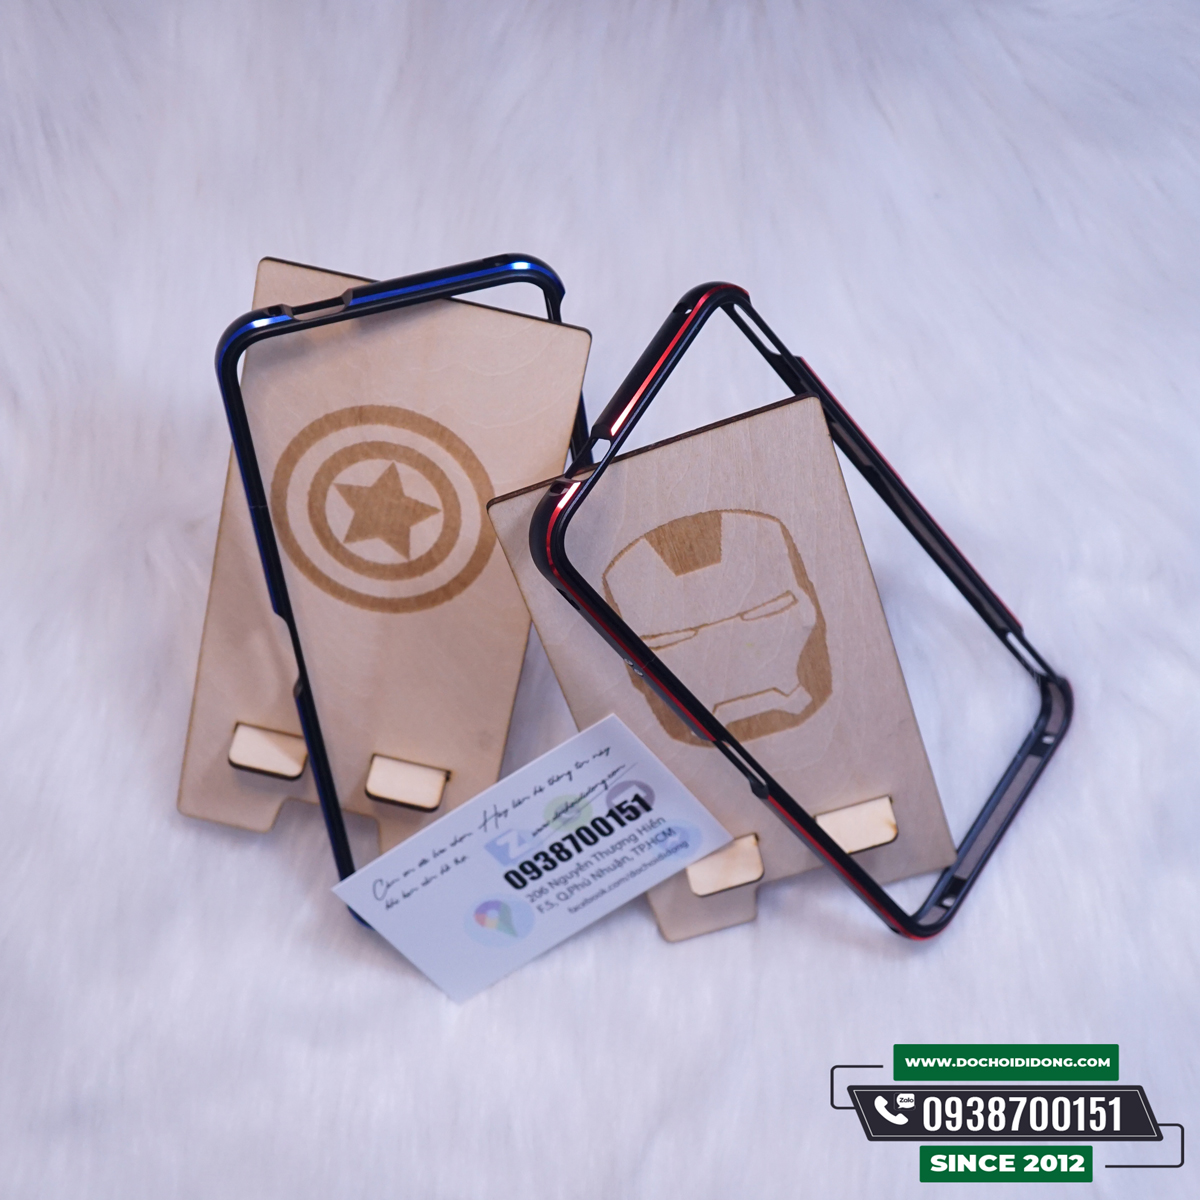 Ốp Viền Asus Rog Phone 3 Nhôm Phay Cao Cấp